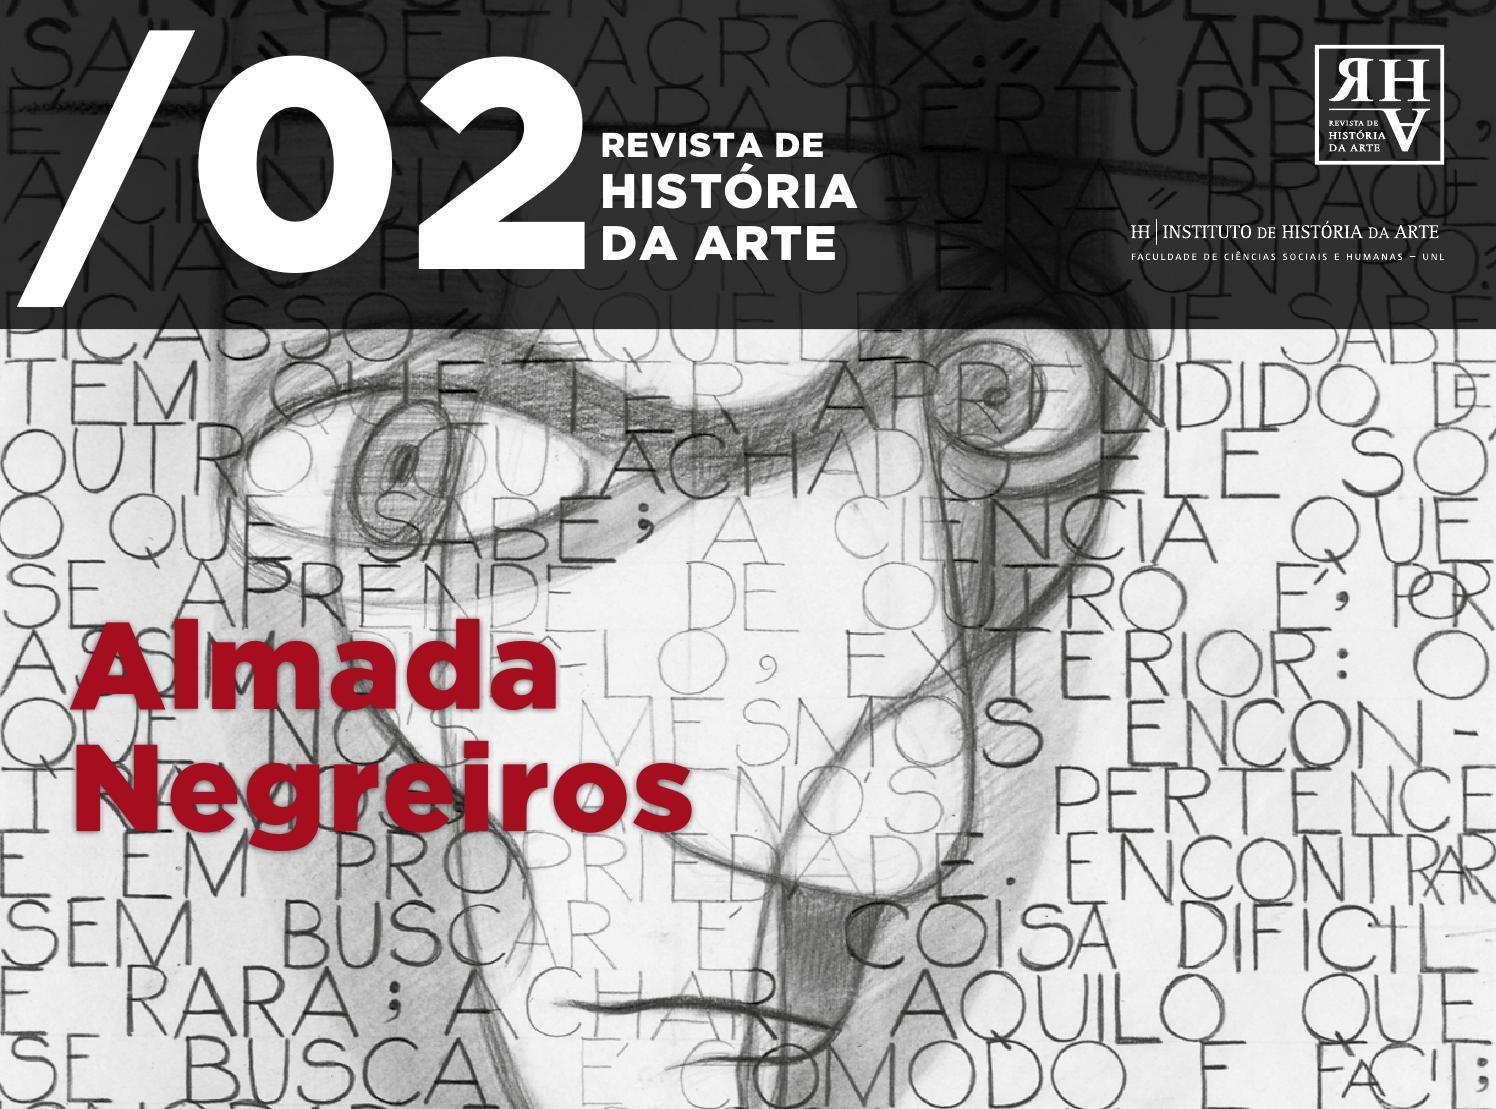 Revista de História da Arte - N.º2 - Série W - 2014 (páginas 1-250) by  Instituto de História da Arte FCSH-UNL - issuu 6c5815fbcba0d